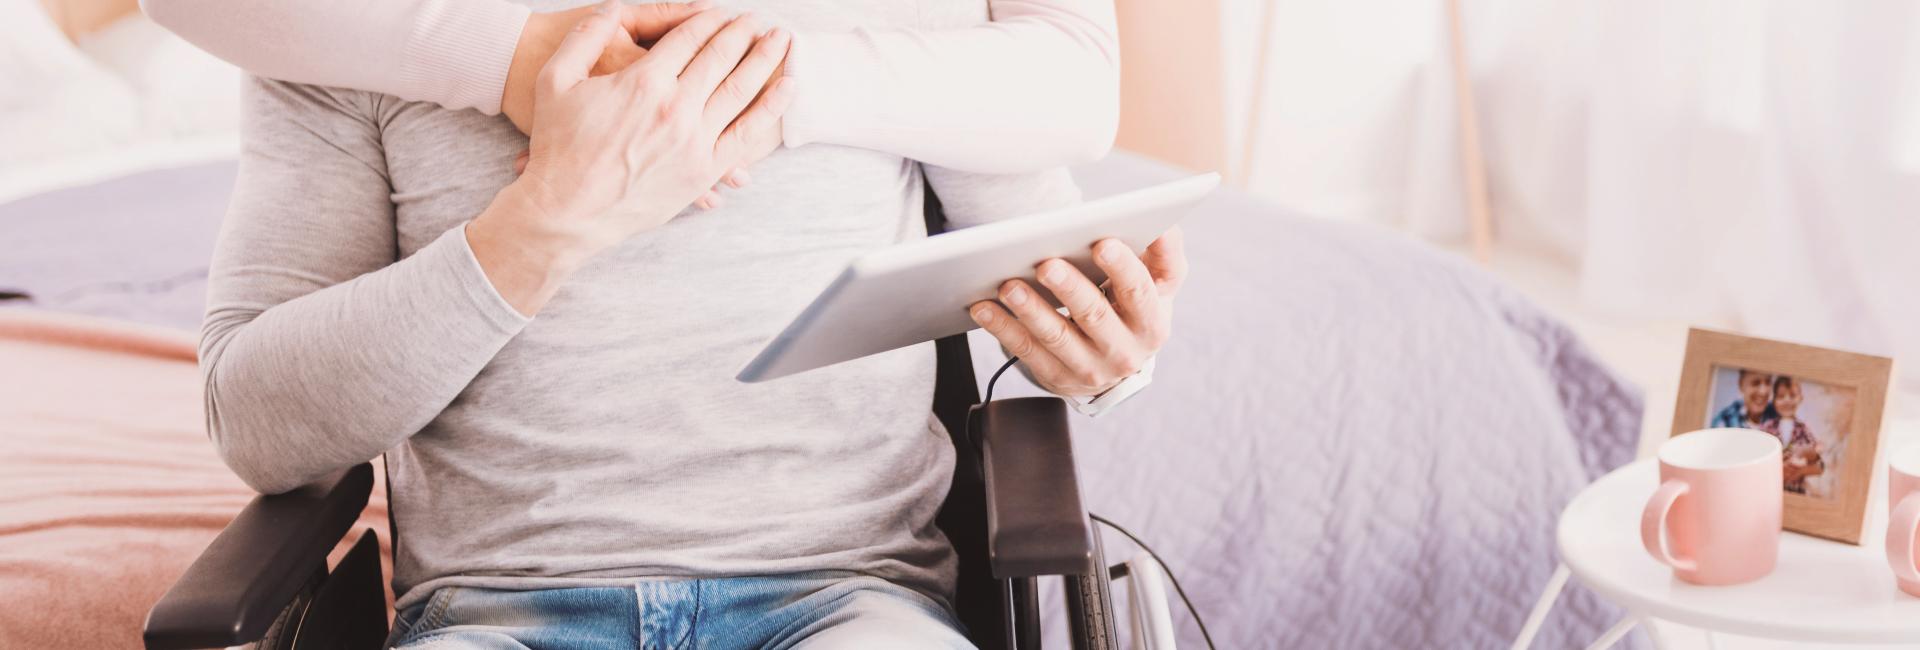 mayor autonomia para las personas con discapacidad